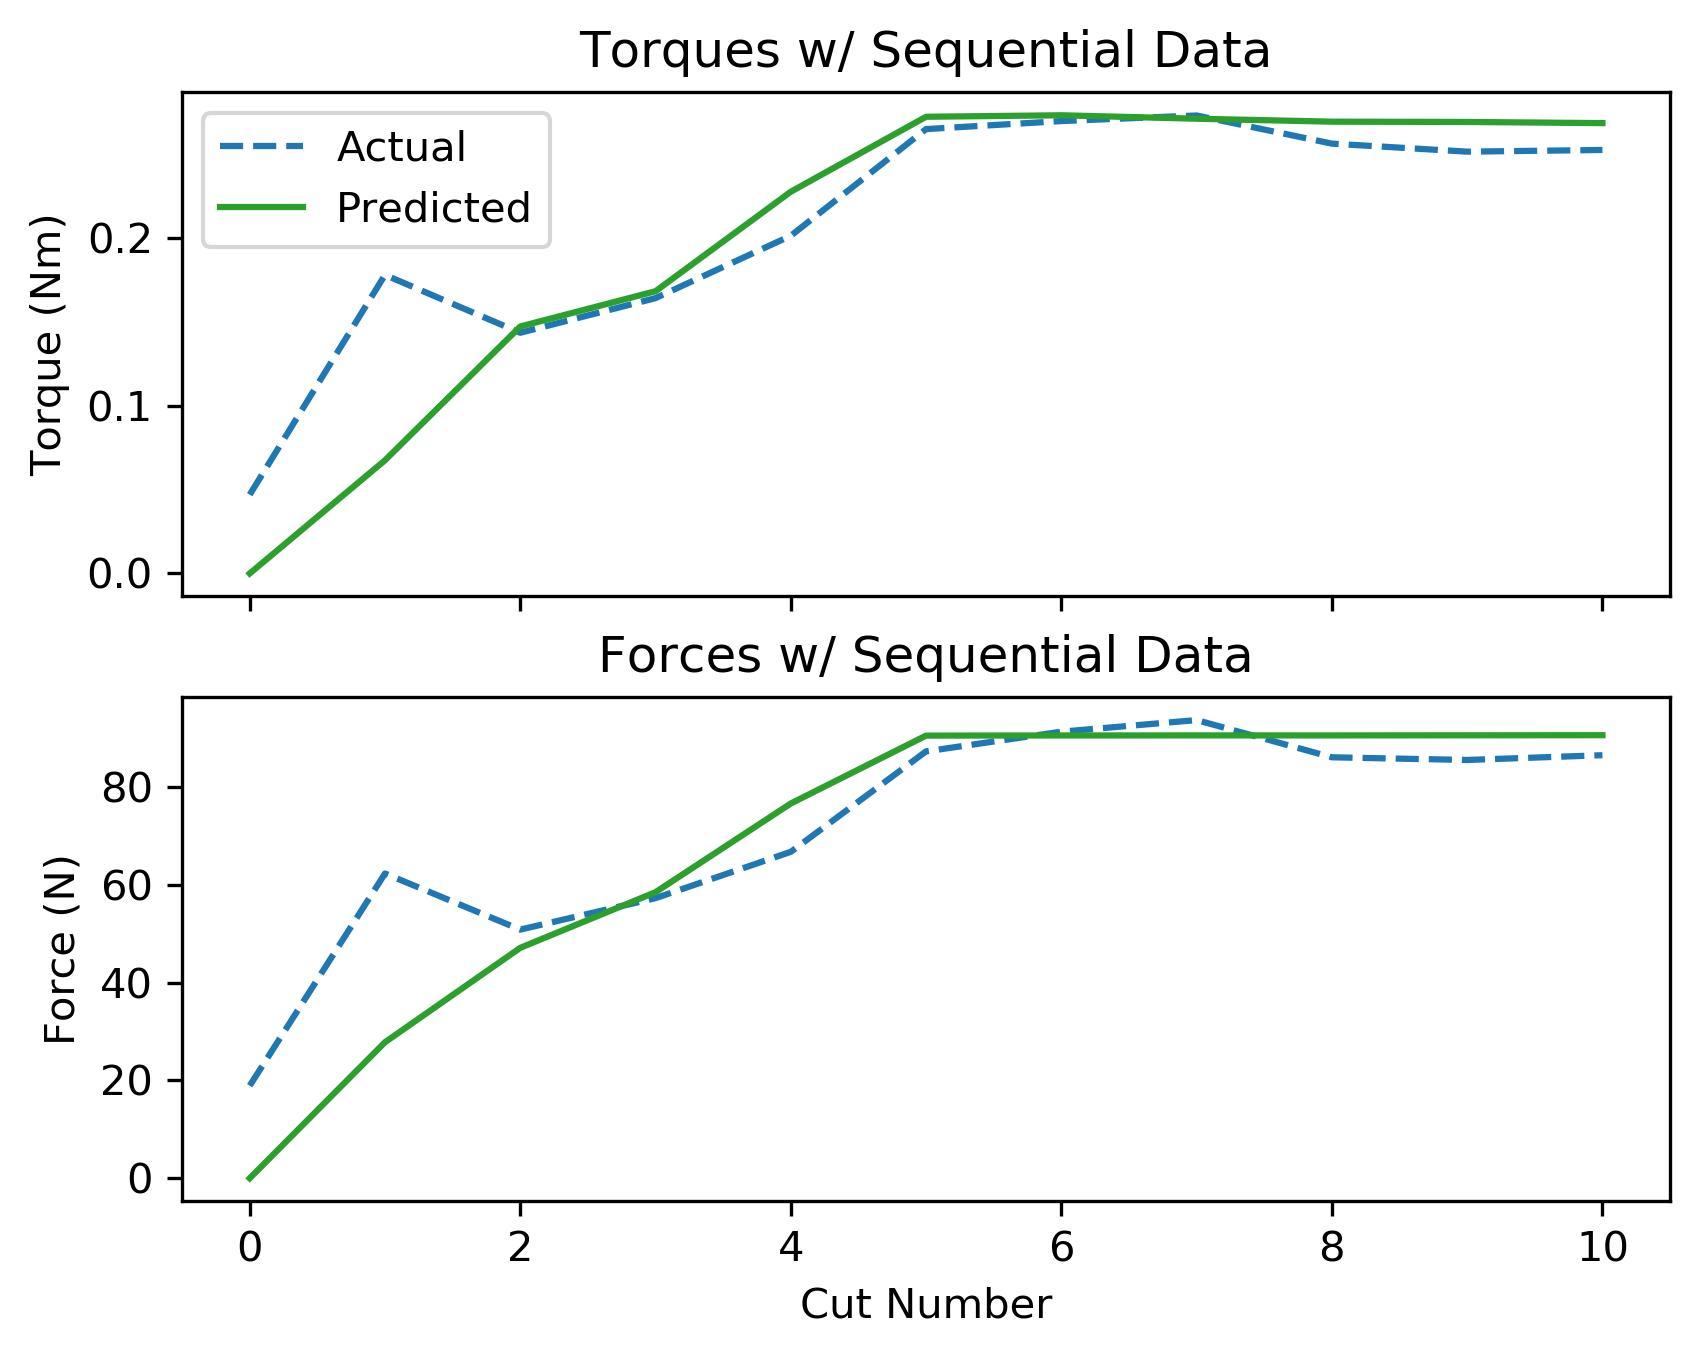 assets/ammp_graphs/ammp-ss-1_4_seq_data.png